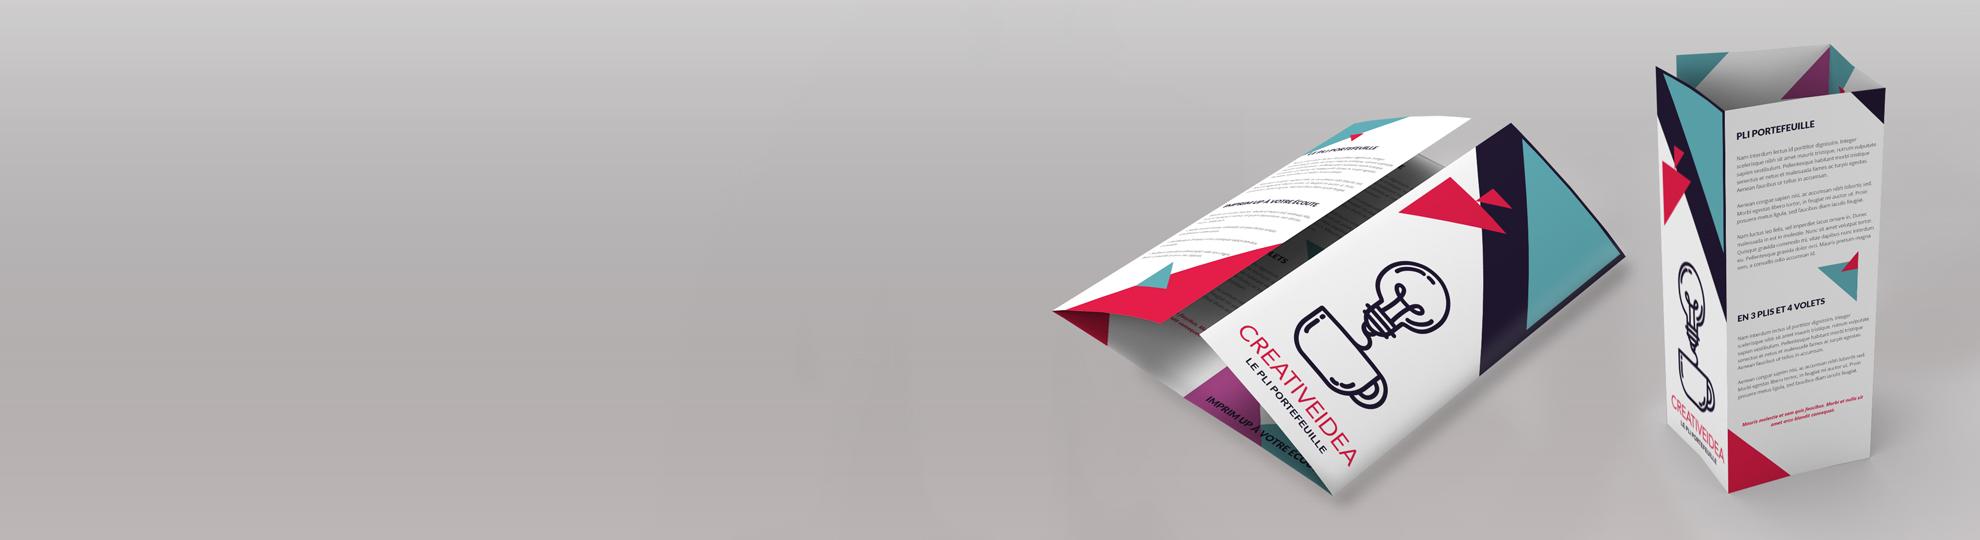 Imprimer vos dépliants plis spéciaux Portefeuille 3 volets, 2 plis